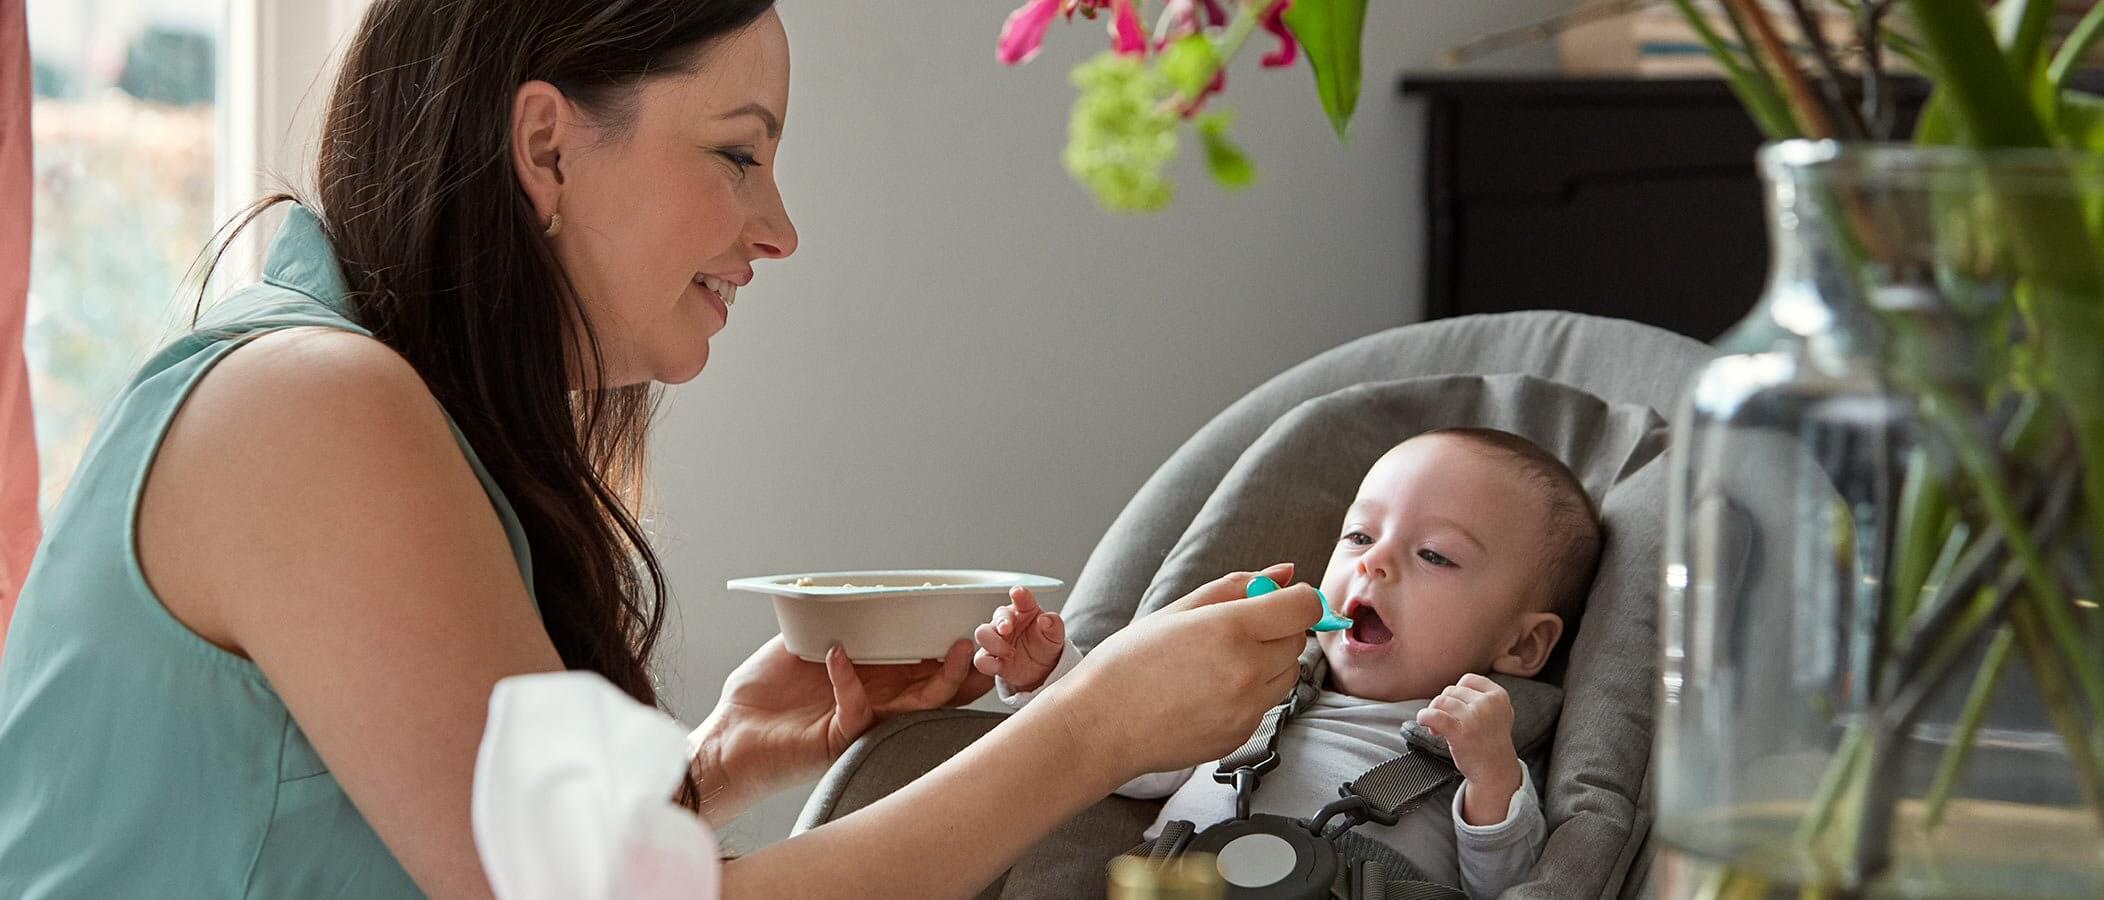 mama alimentando bebe